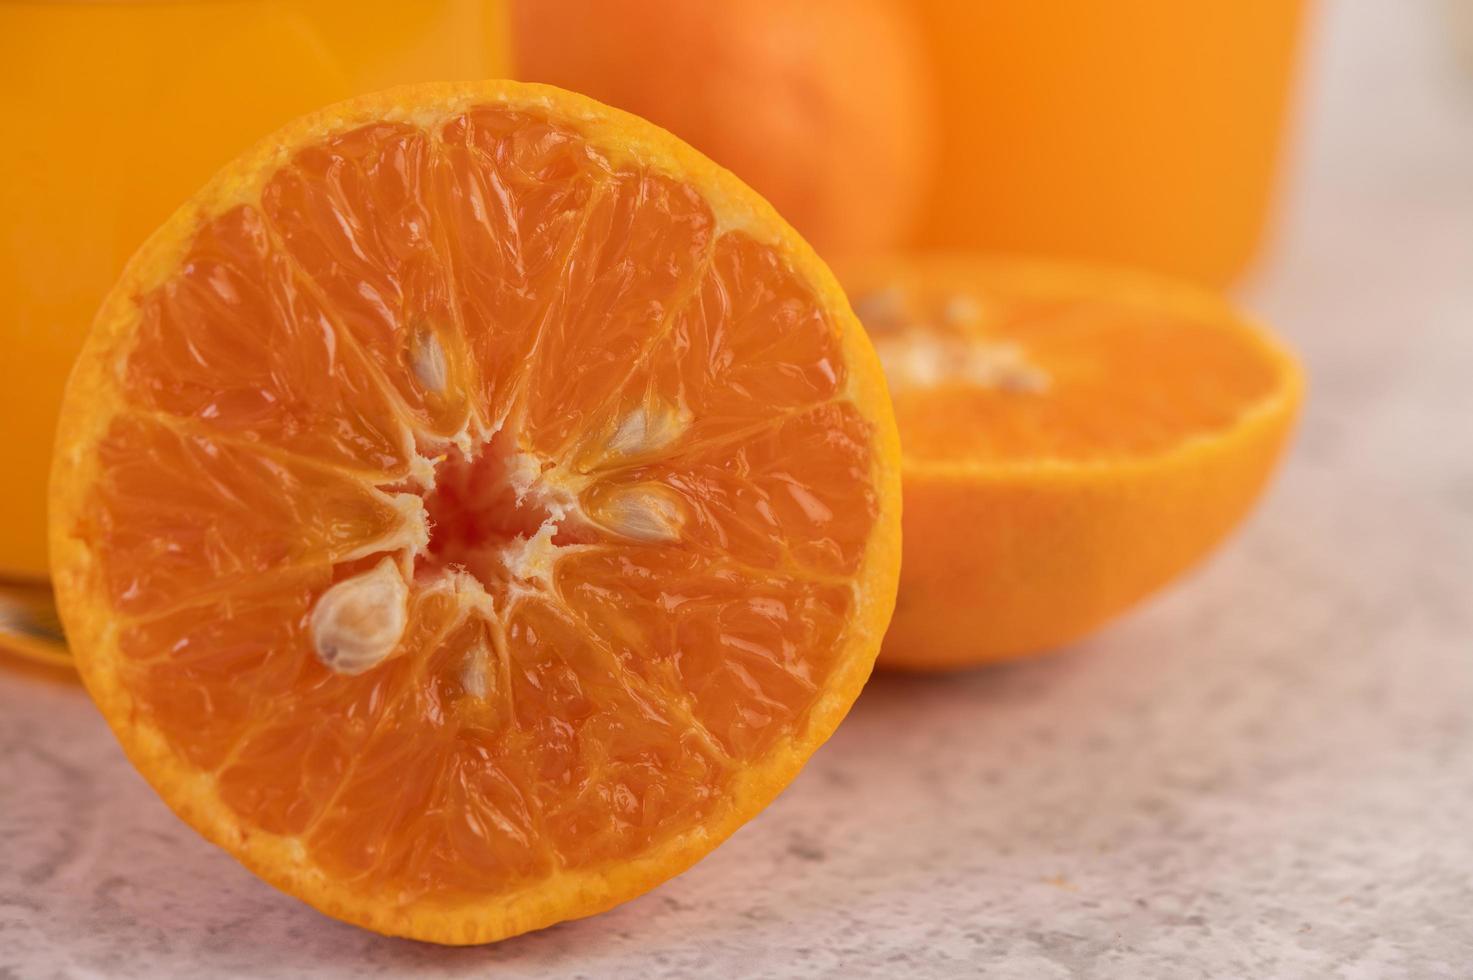 närbild av en apelsin foto